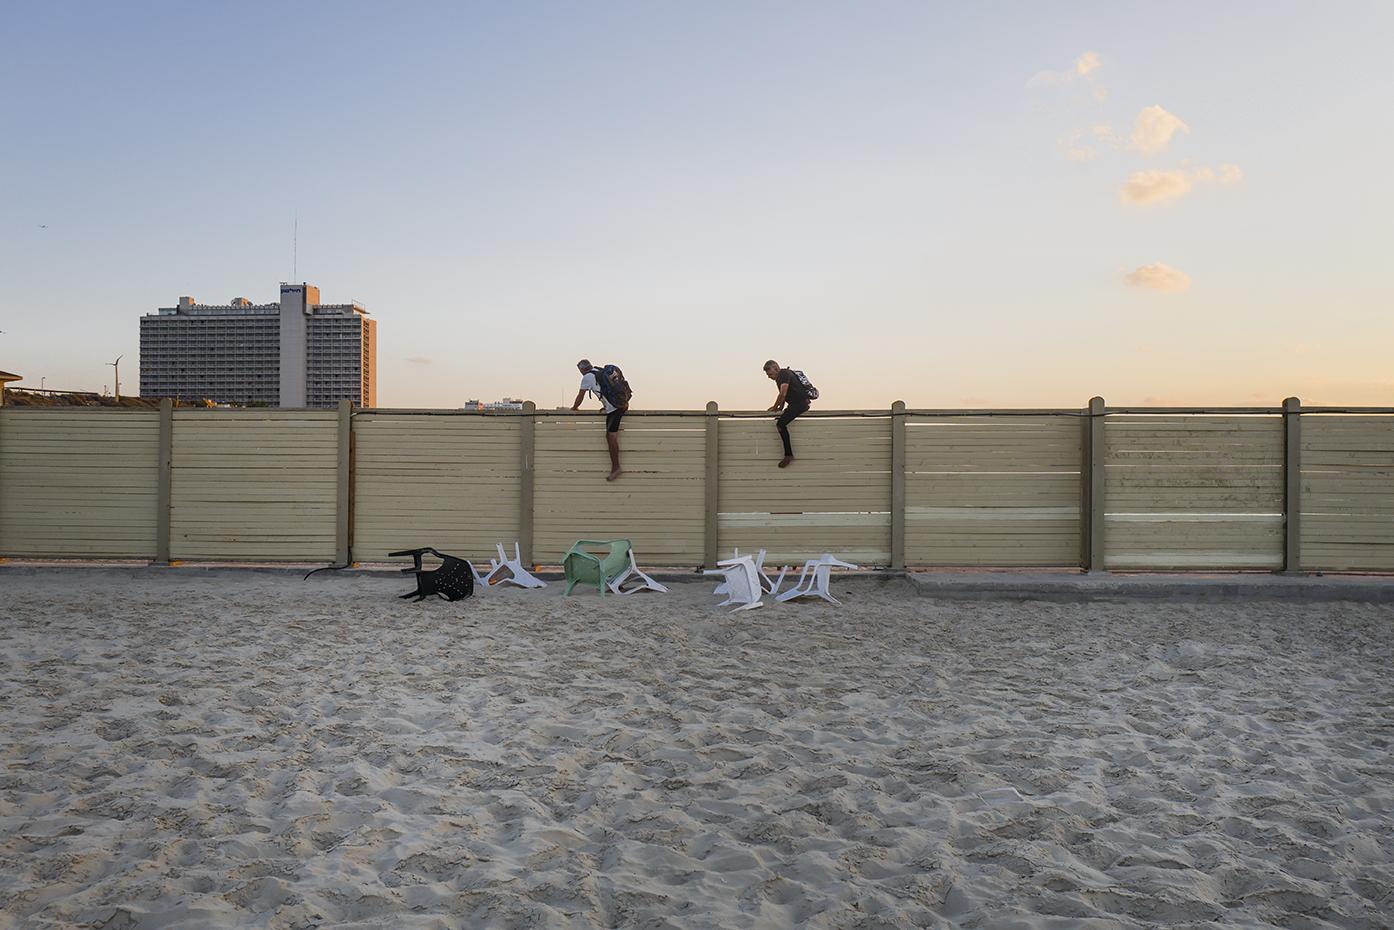 Tel-Aviv, Israel. October 2016.